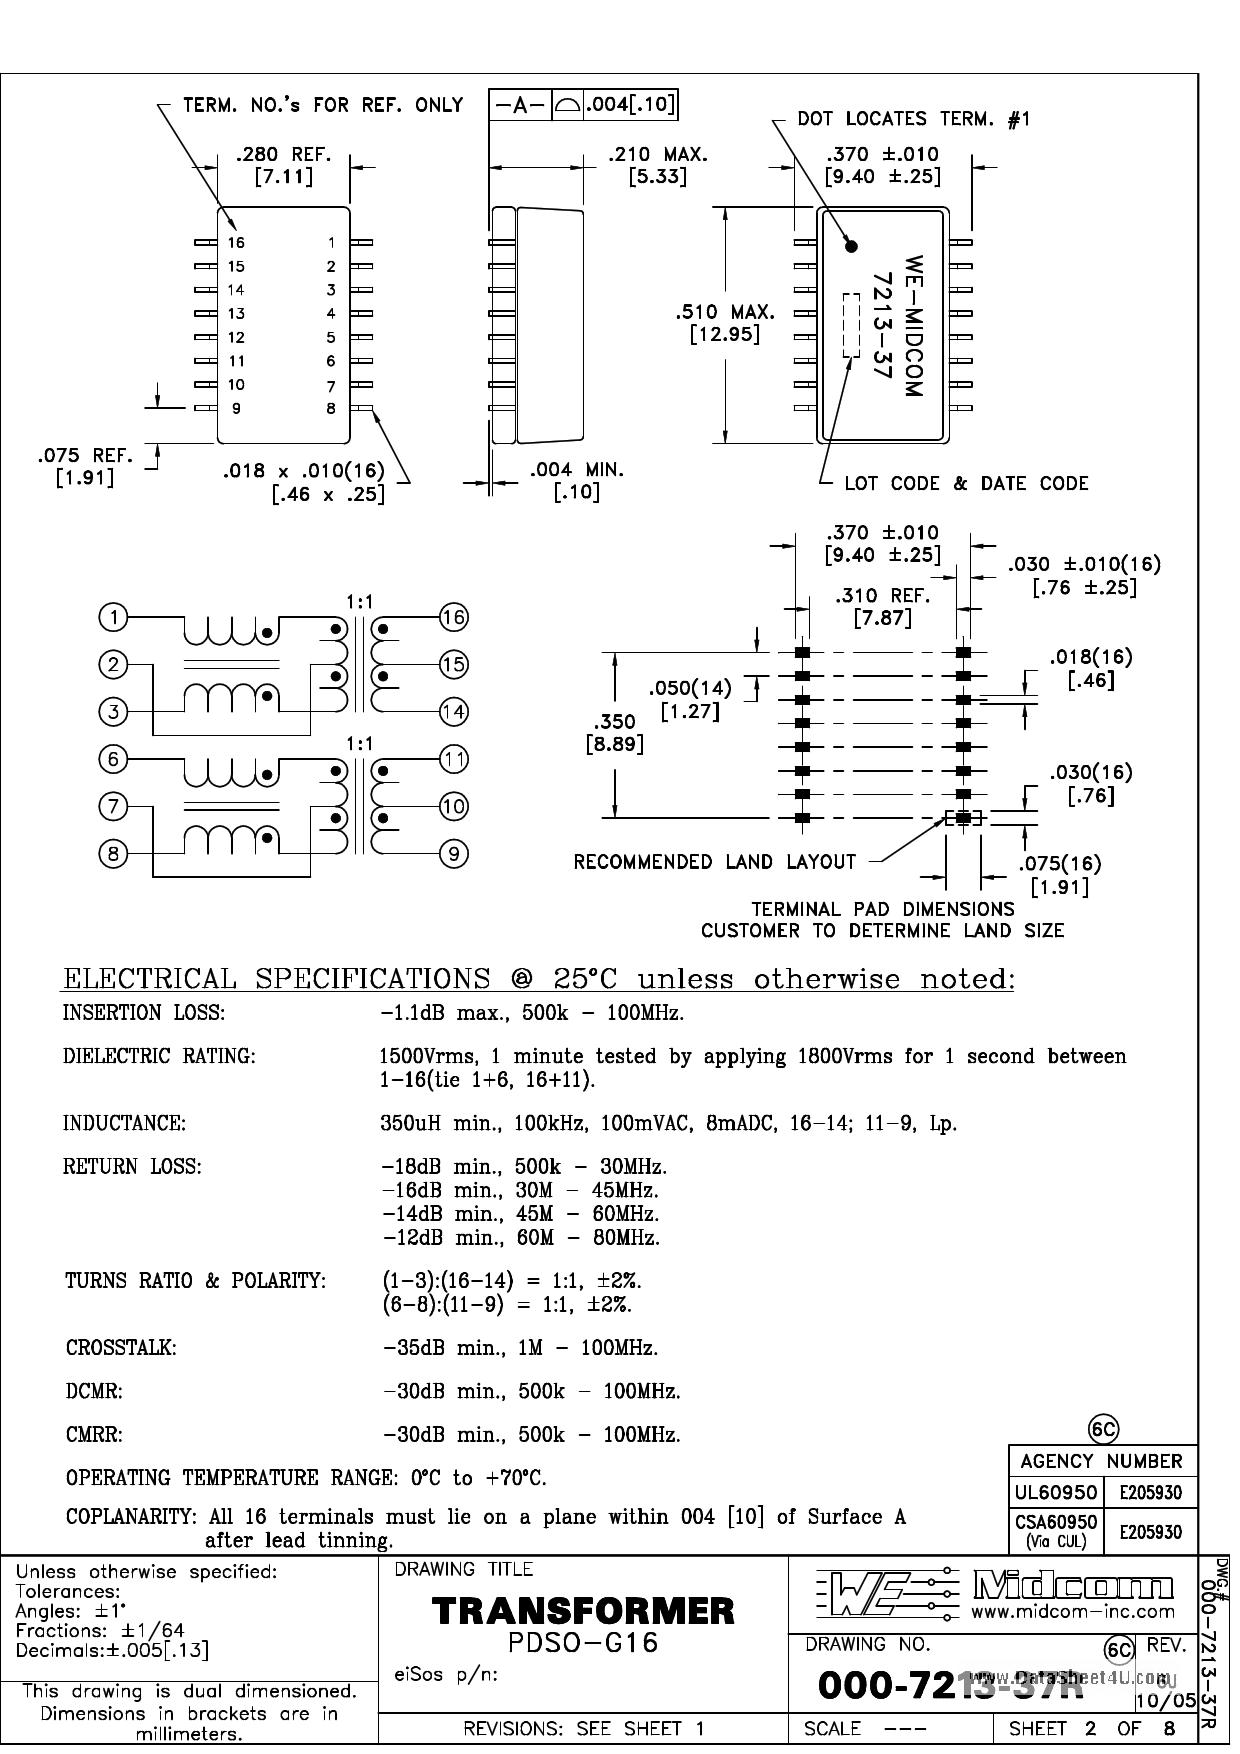 000-7213-37R даташит PDF